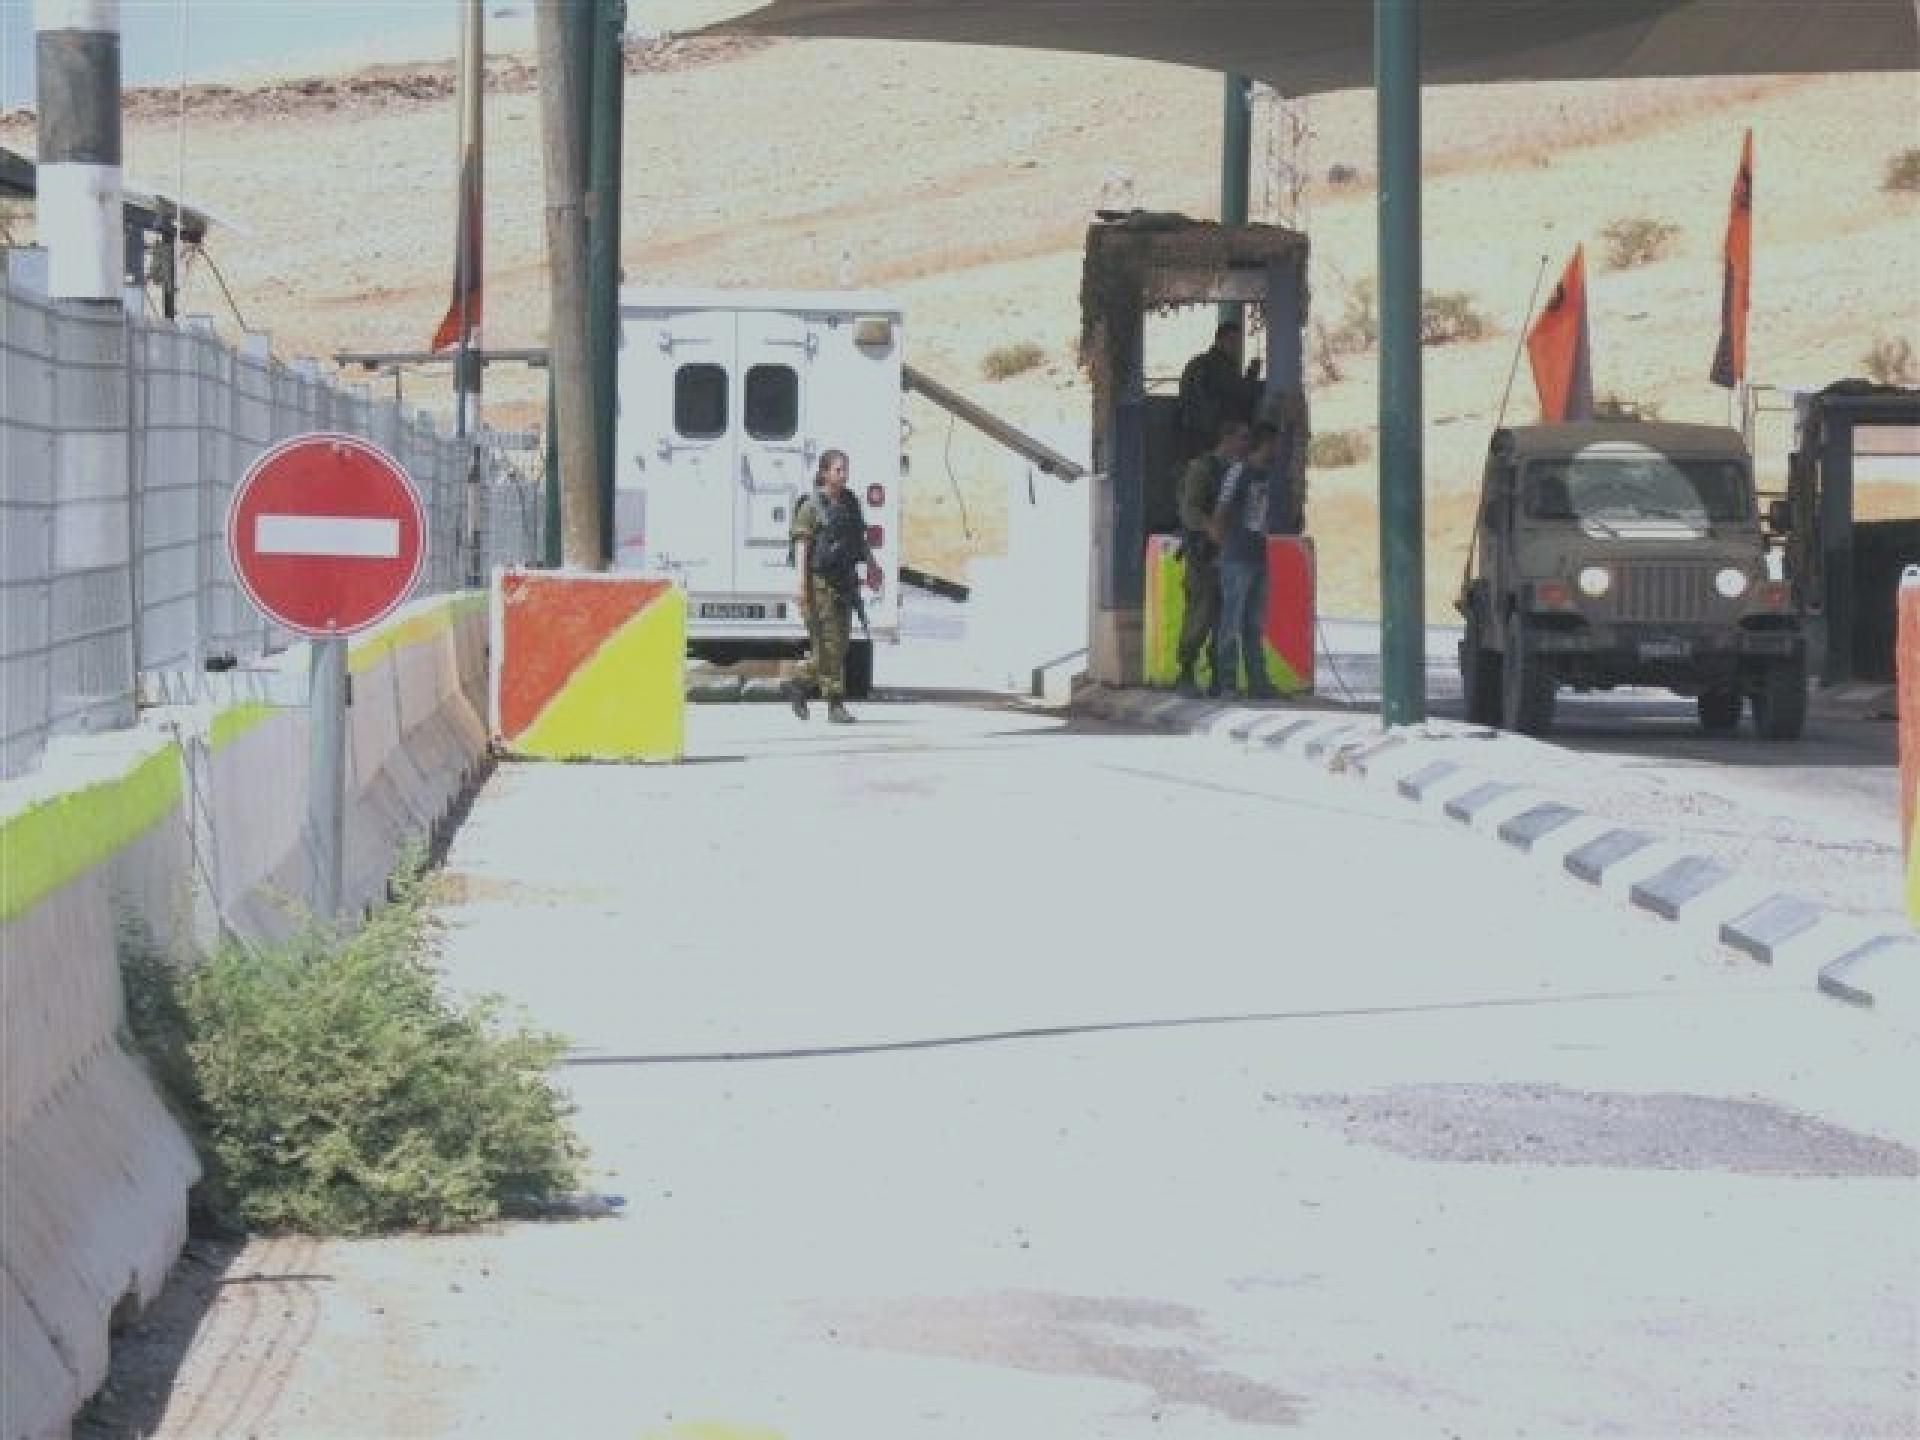 Hamra/Beqaot checkpoint 04.09.12